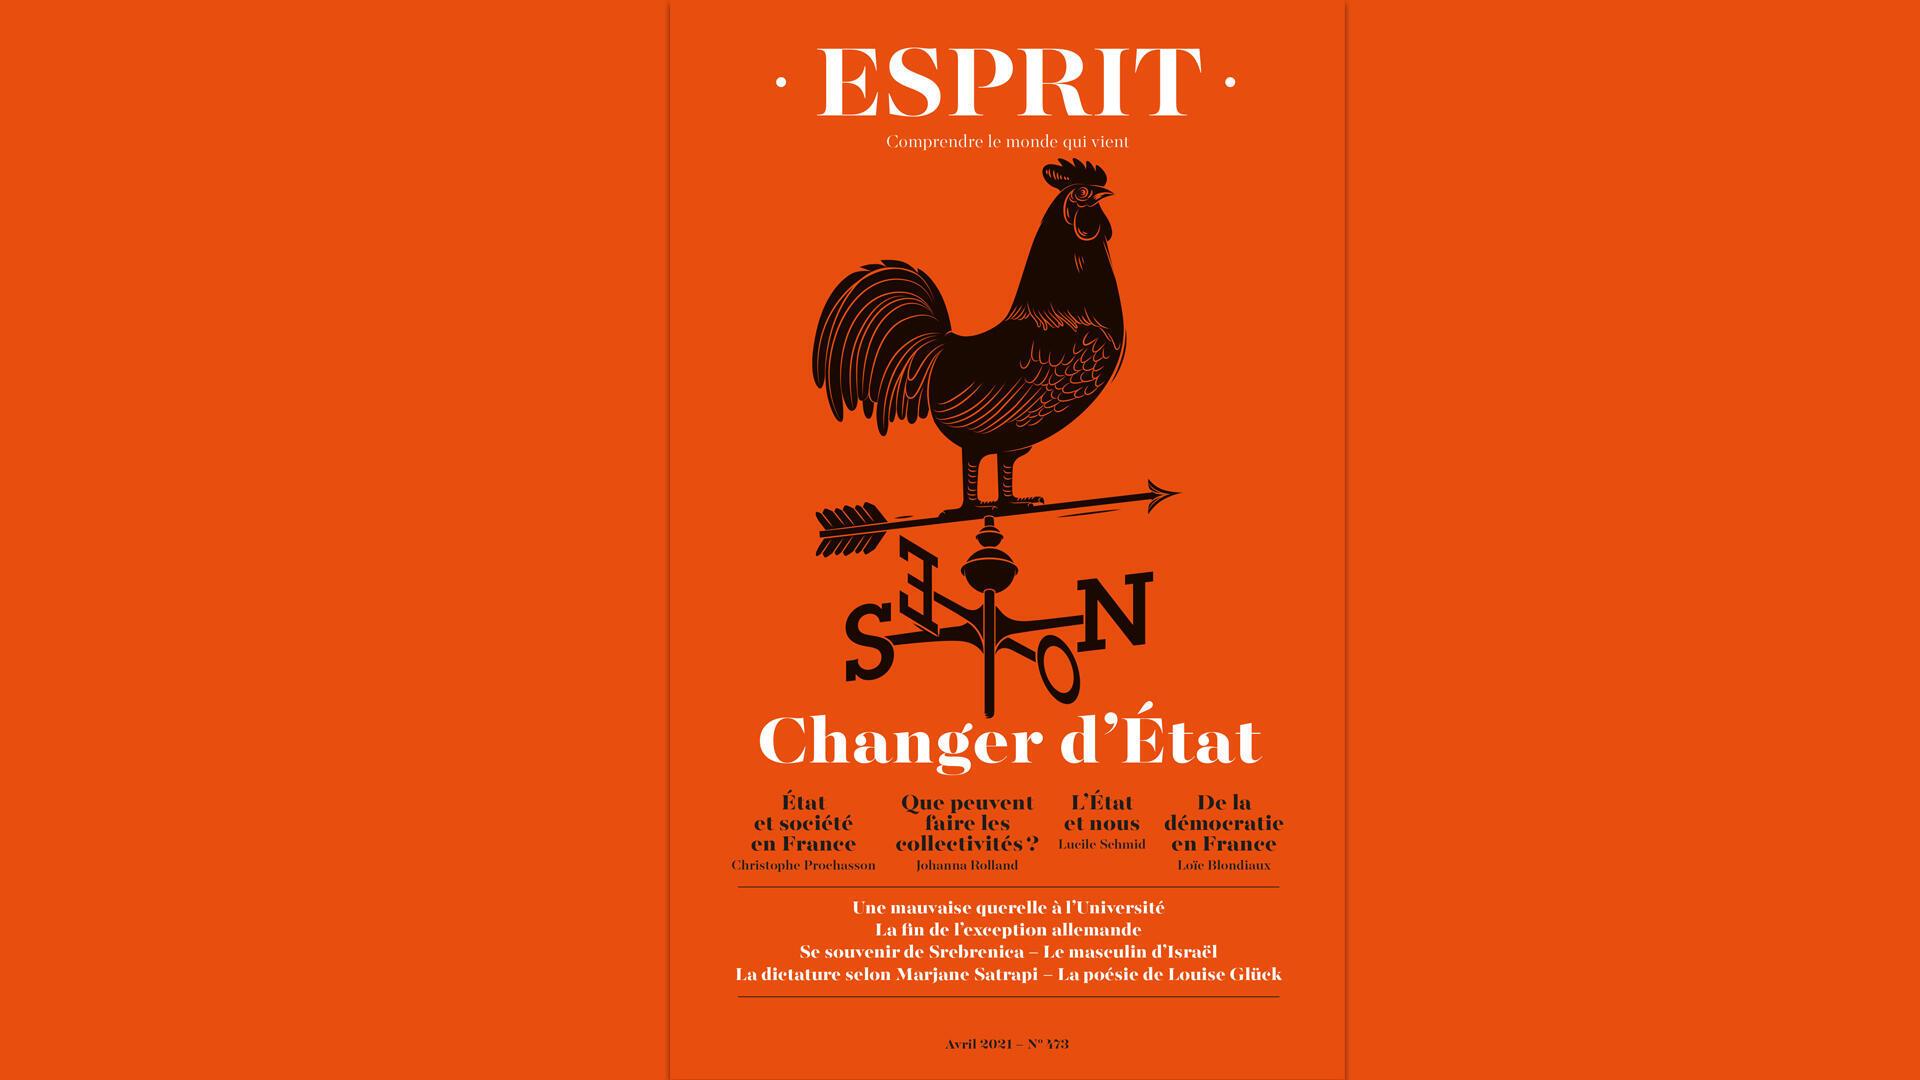 Couverture - Revue Esprit - Avril 2021 - Changer d'état - Une semaine actualité